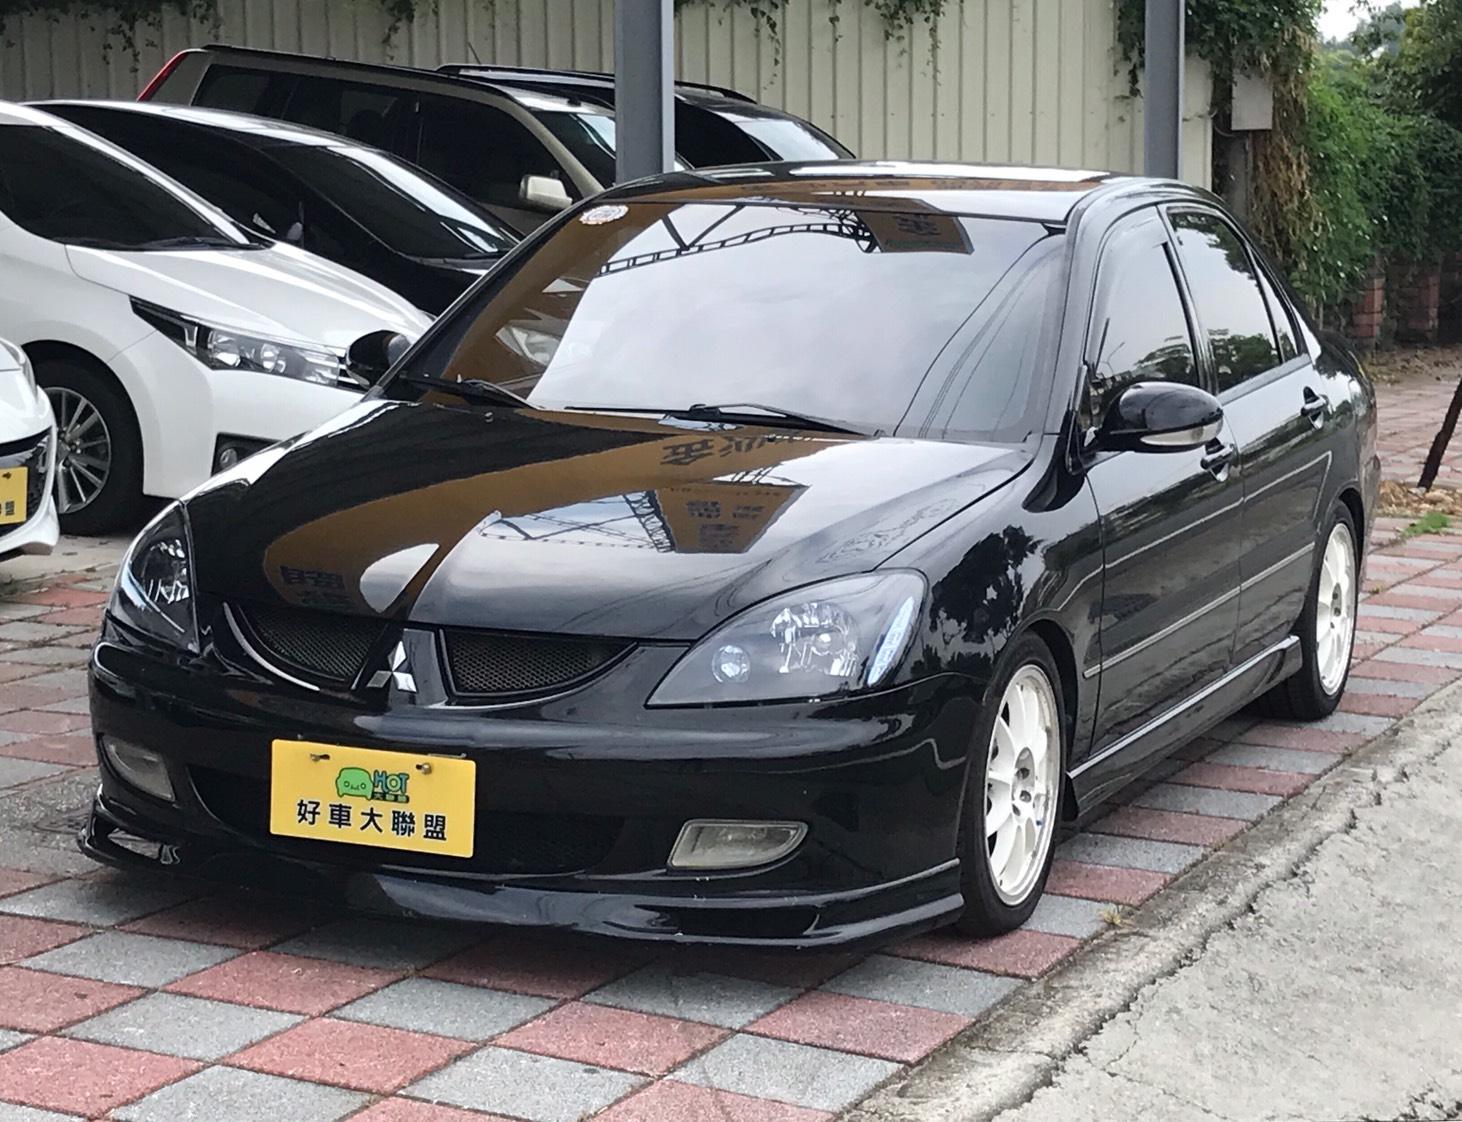 2005 Mitsubishi 三菱 Lancer